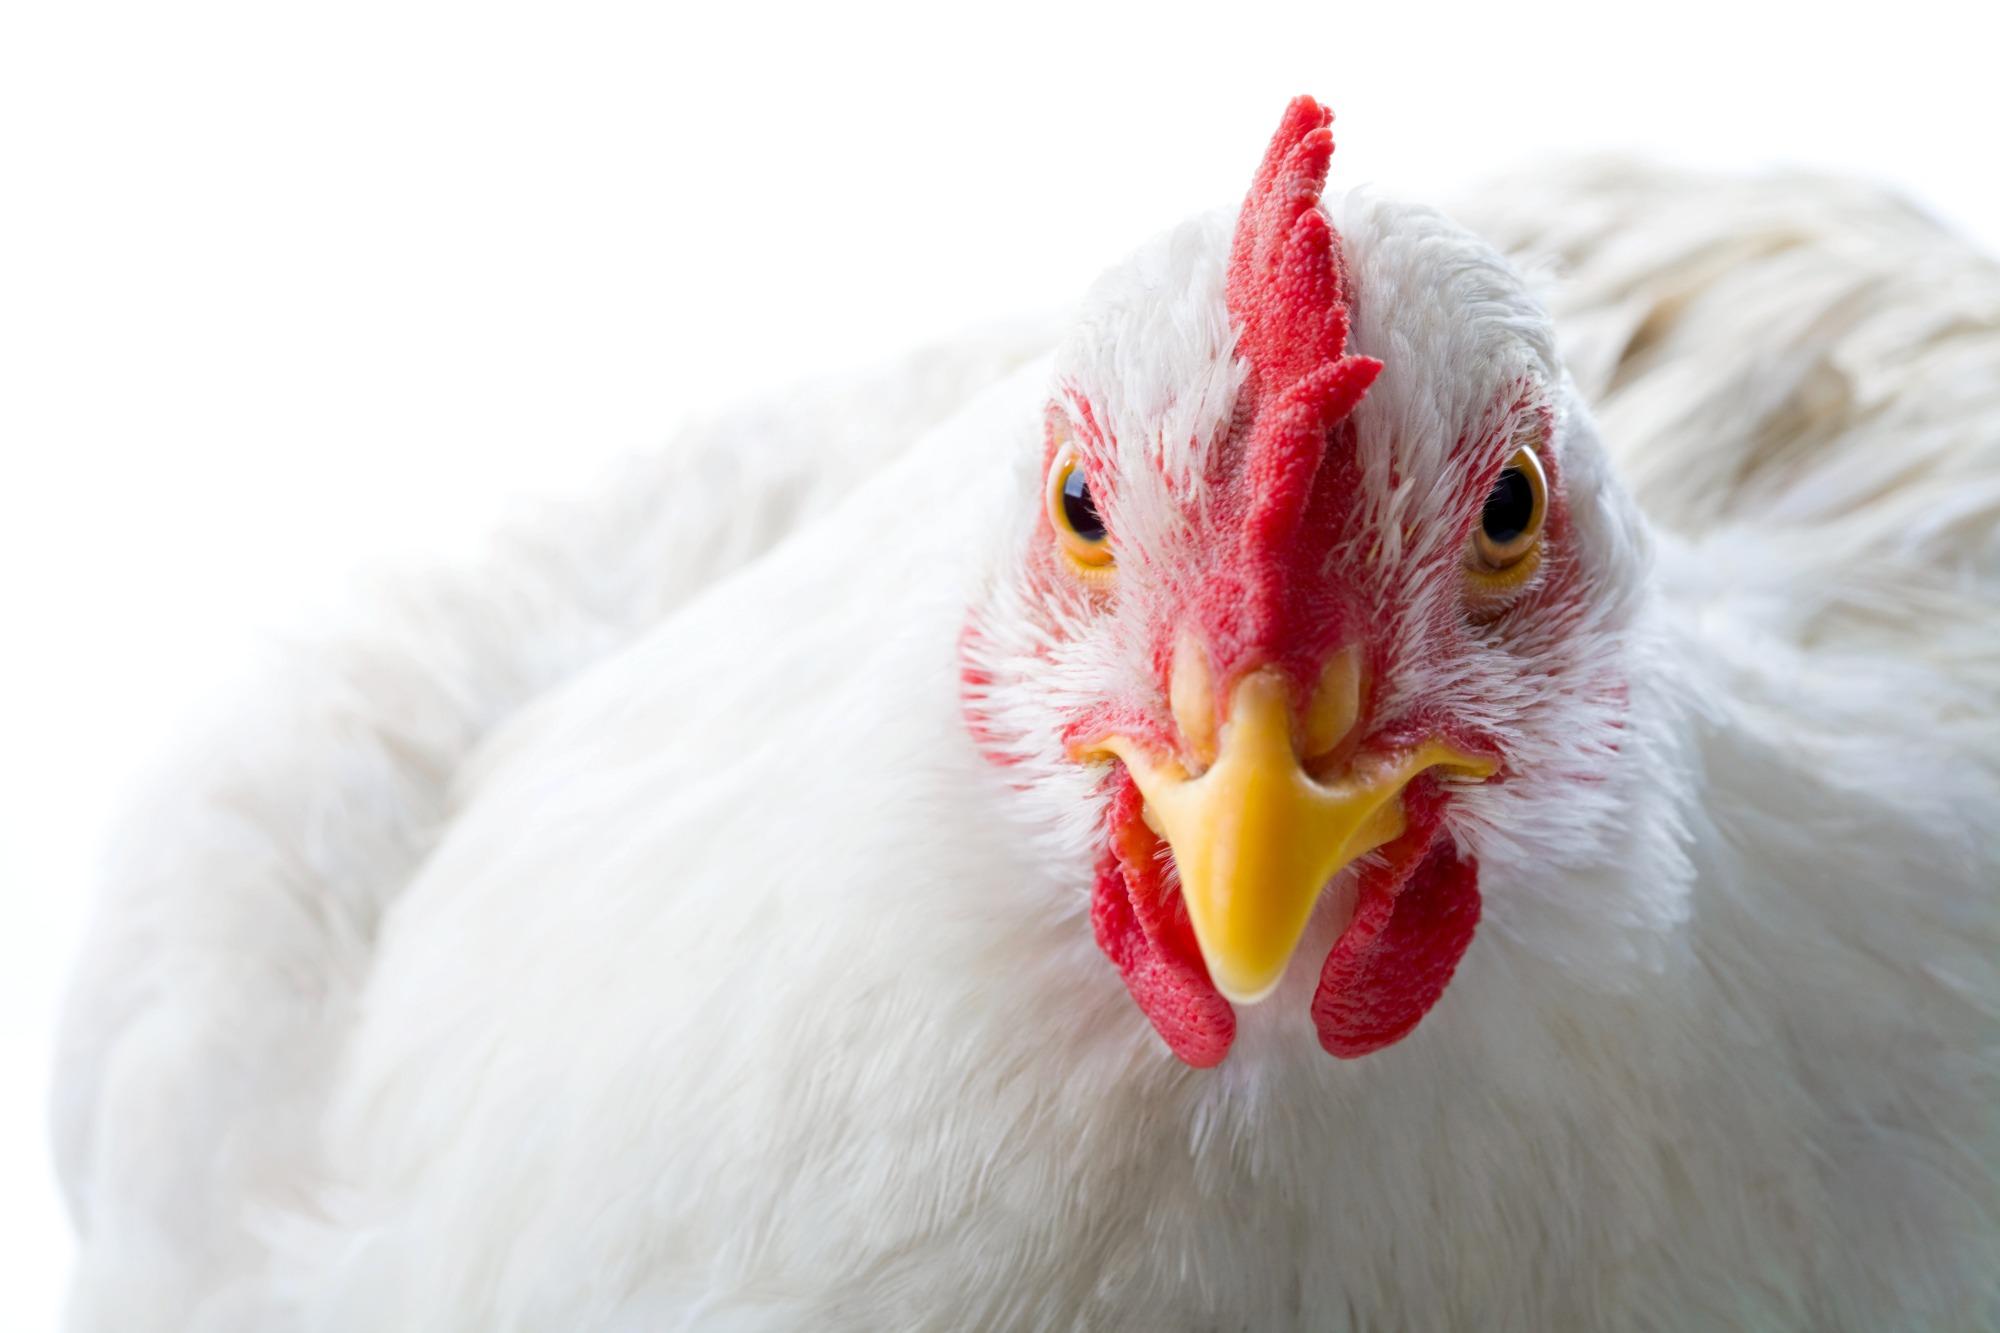 Demanda e oferta ajustadas no mercado de frango